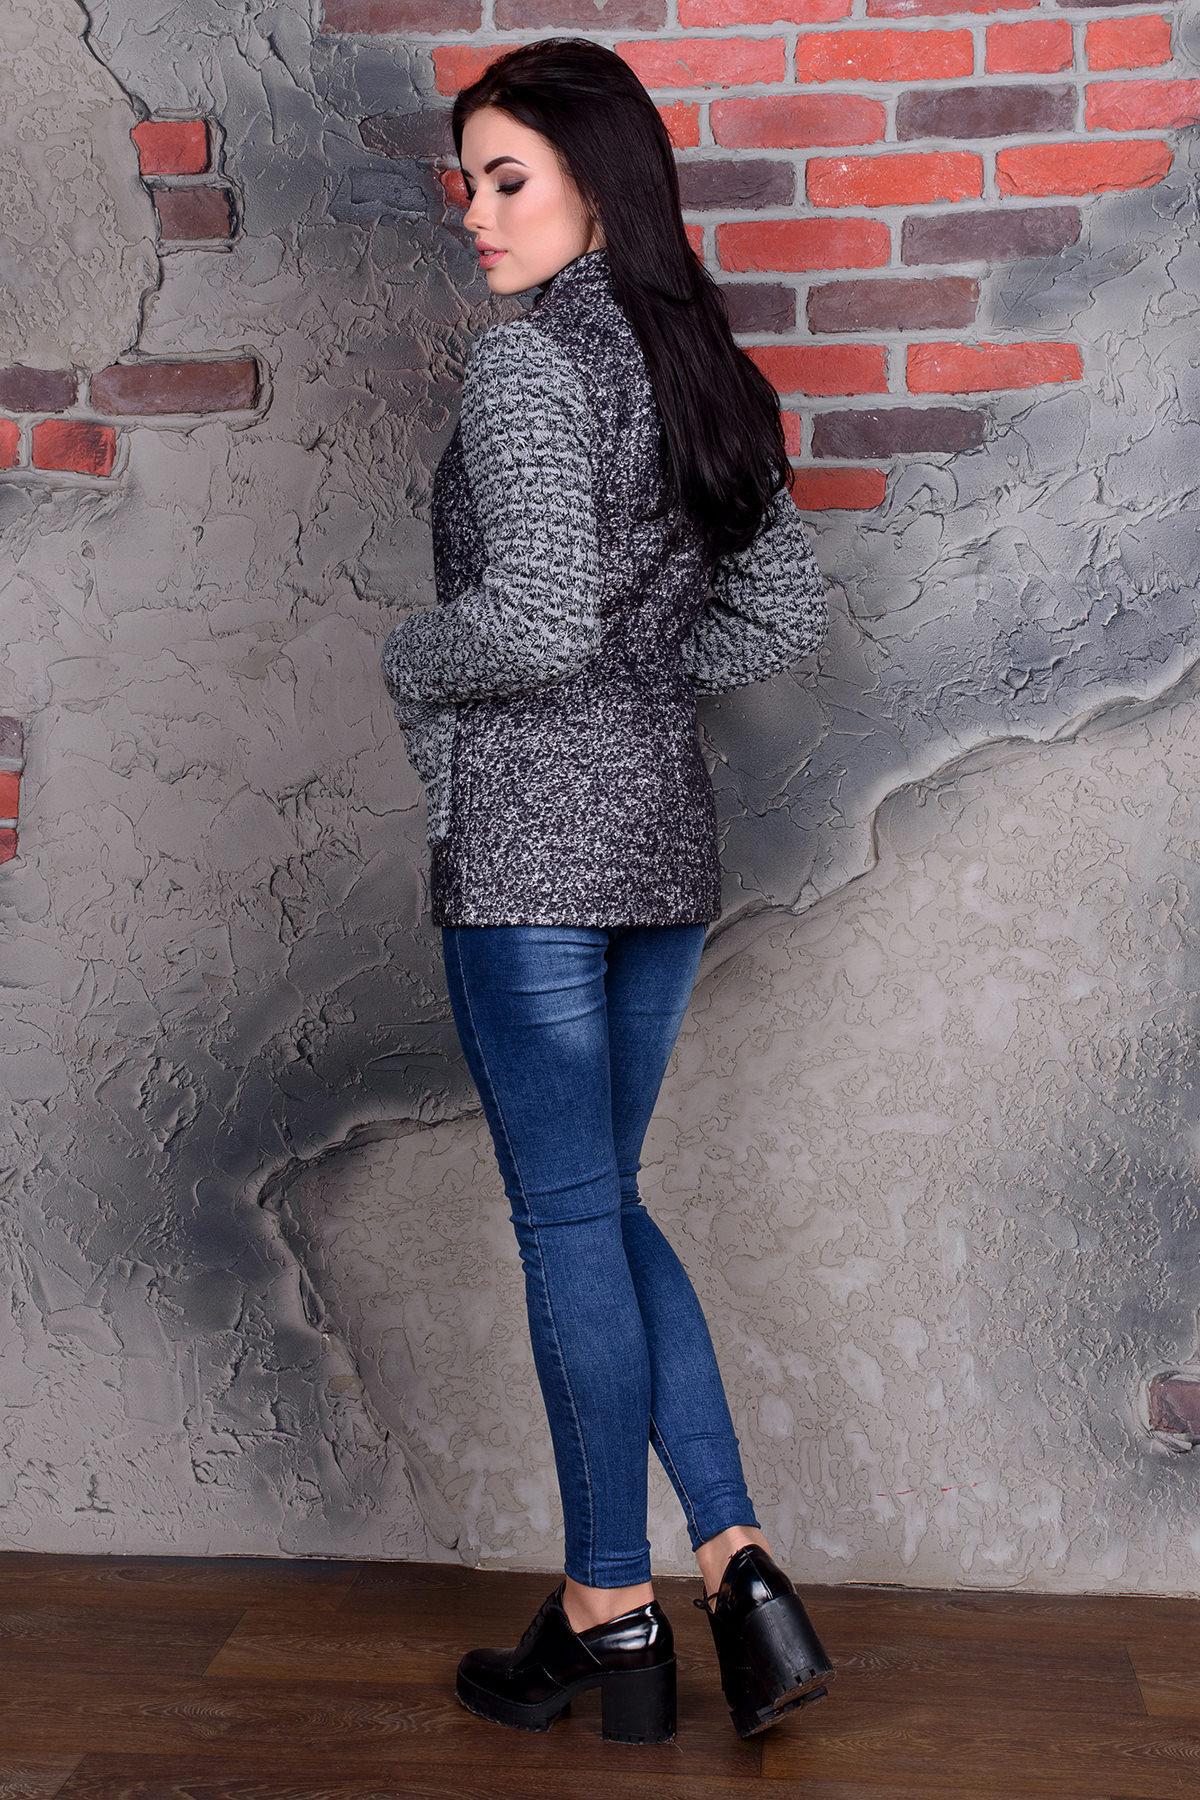 Пальто Старк 1091 АРТ. 9050 Цвет: Тёмно-серый / белый - фото 3, интернет магазин tm-modus.ru